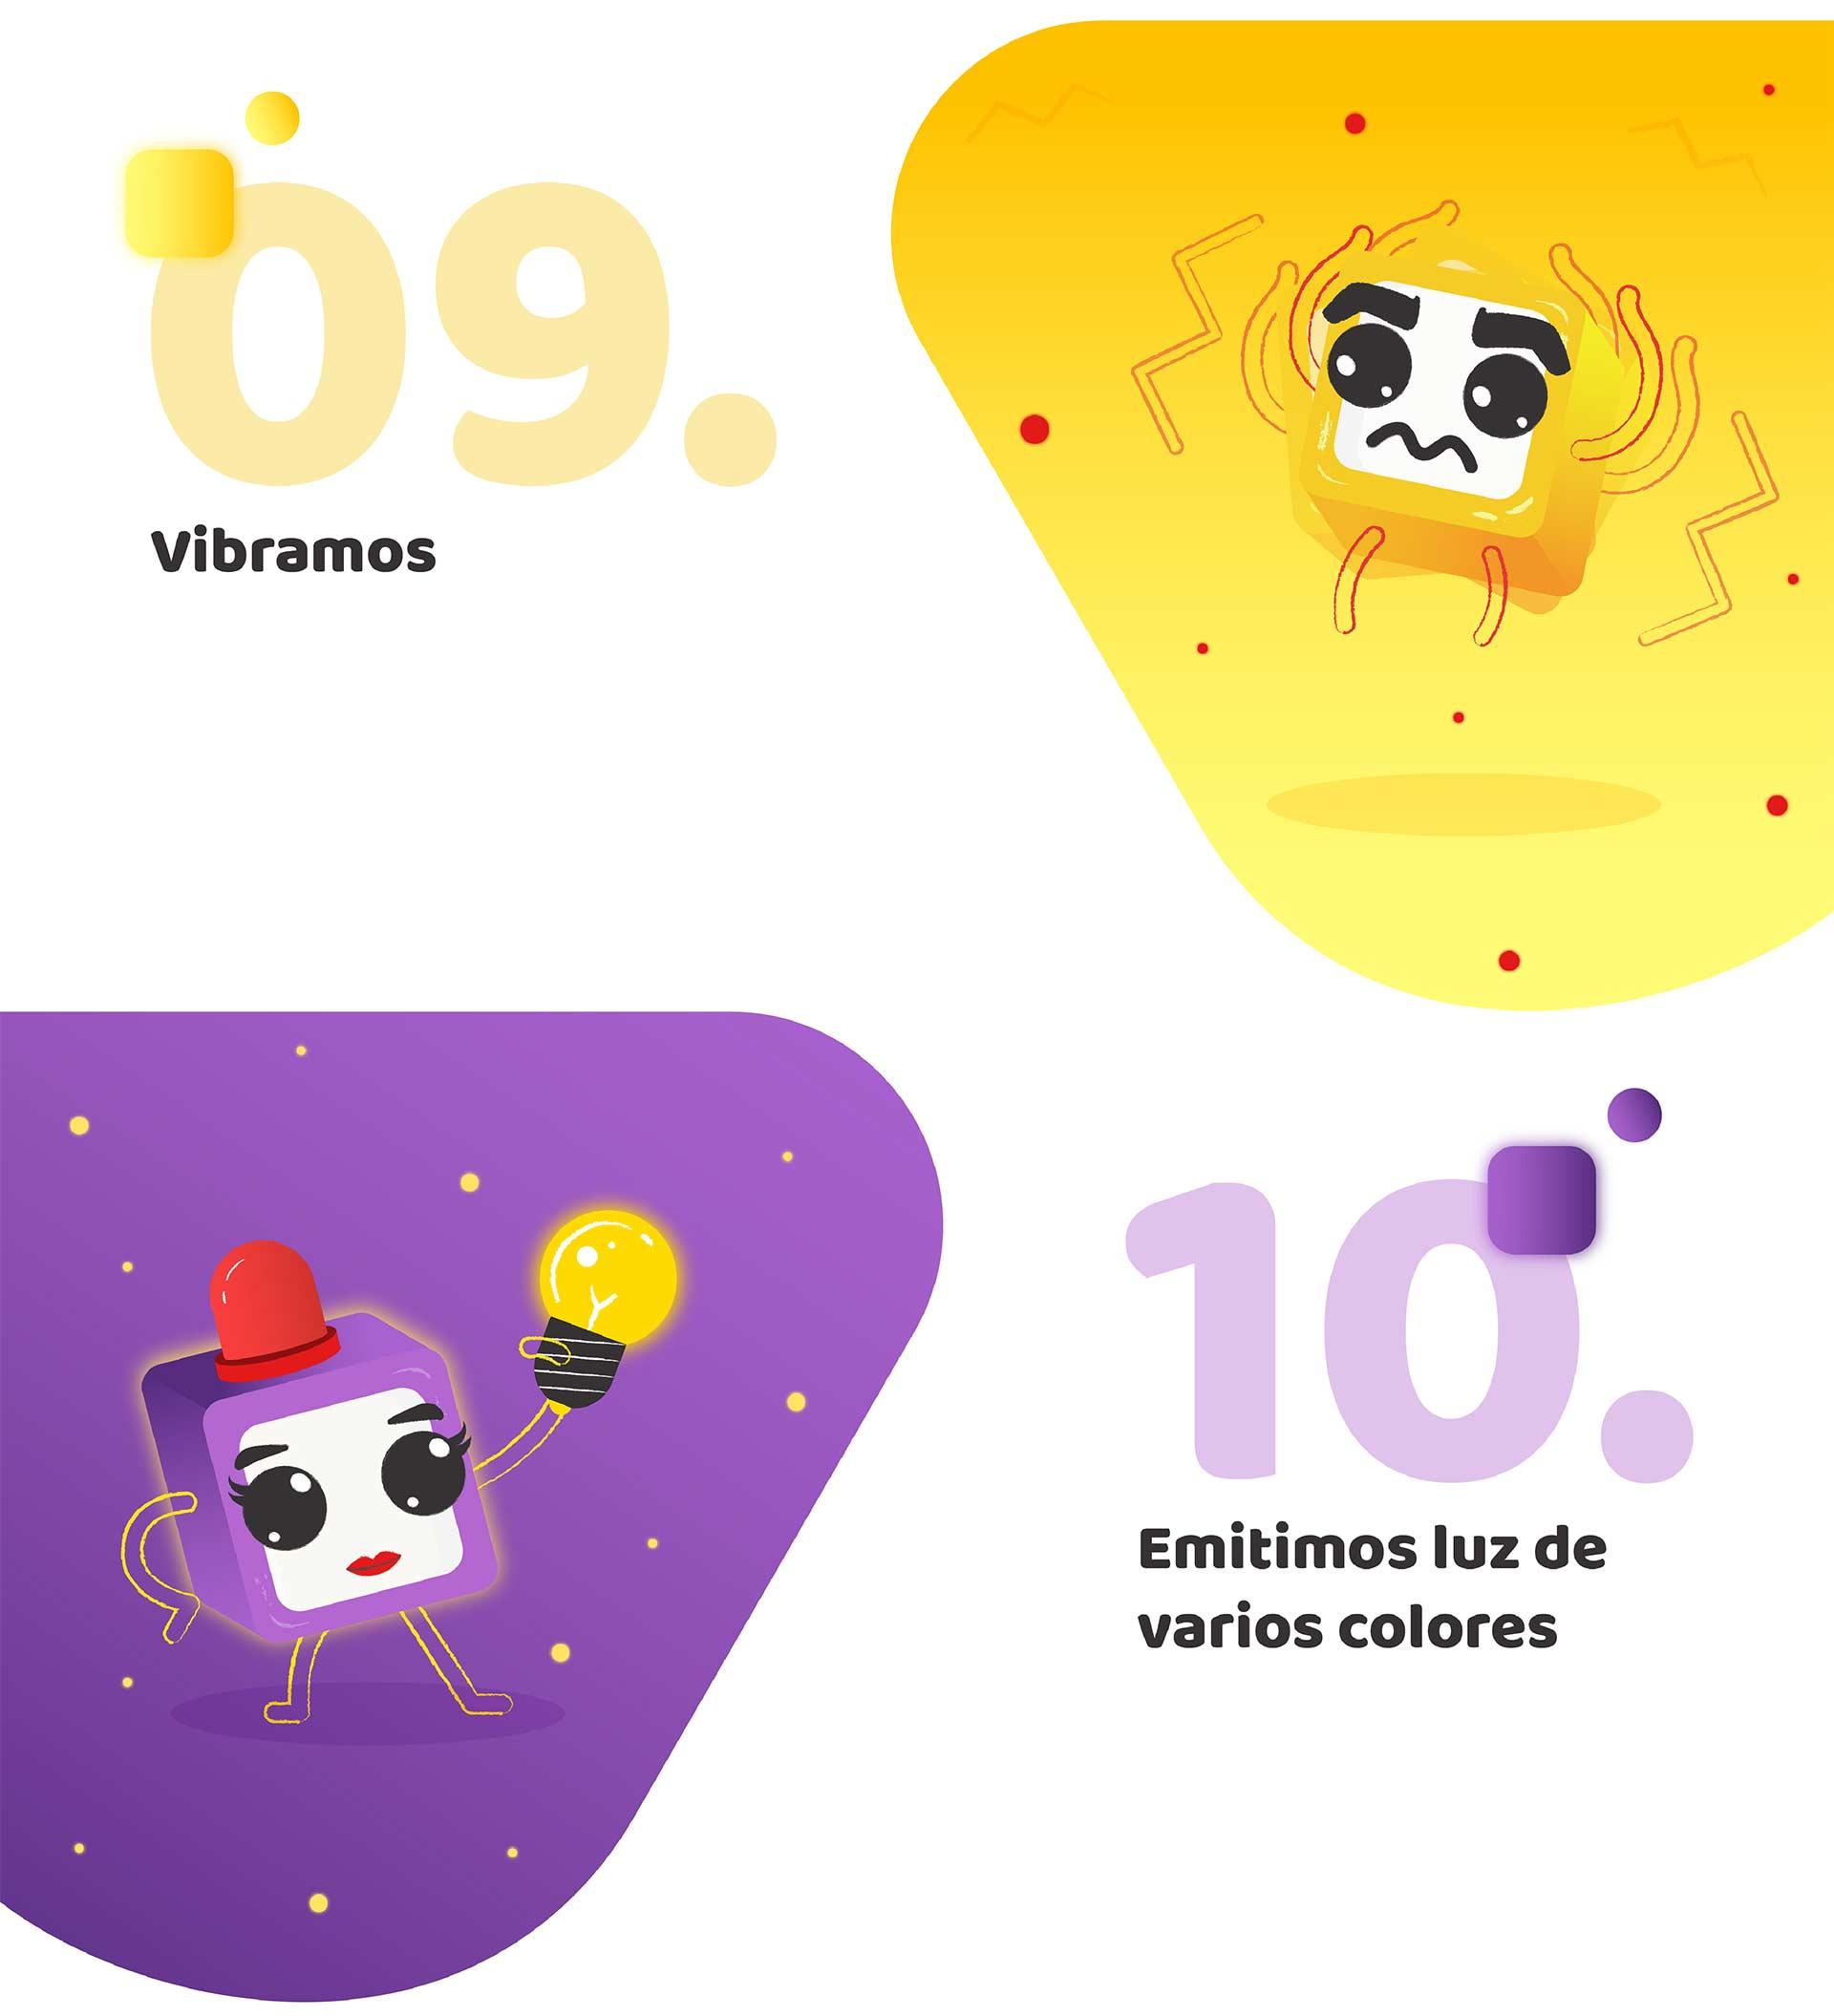 The Ifs juguetes tecnologicos para niños jessica sanmiguel diseño zaragoza-7